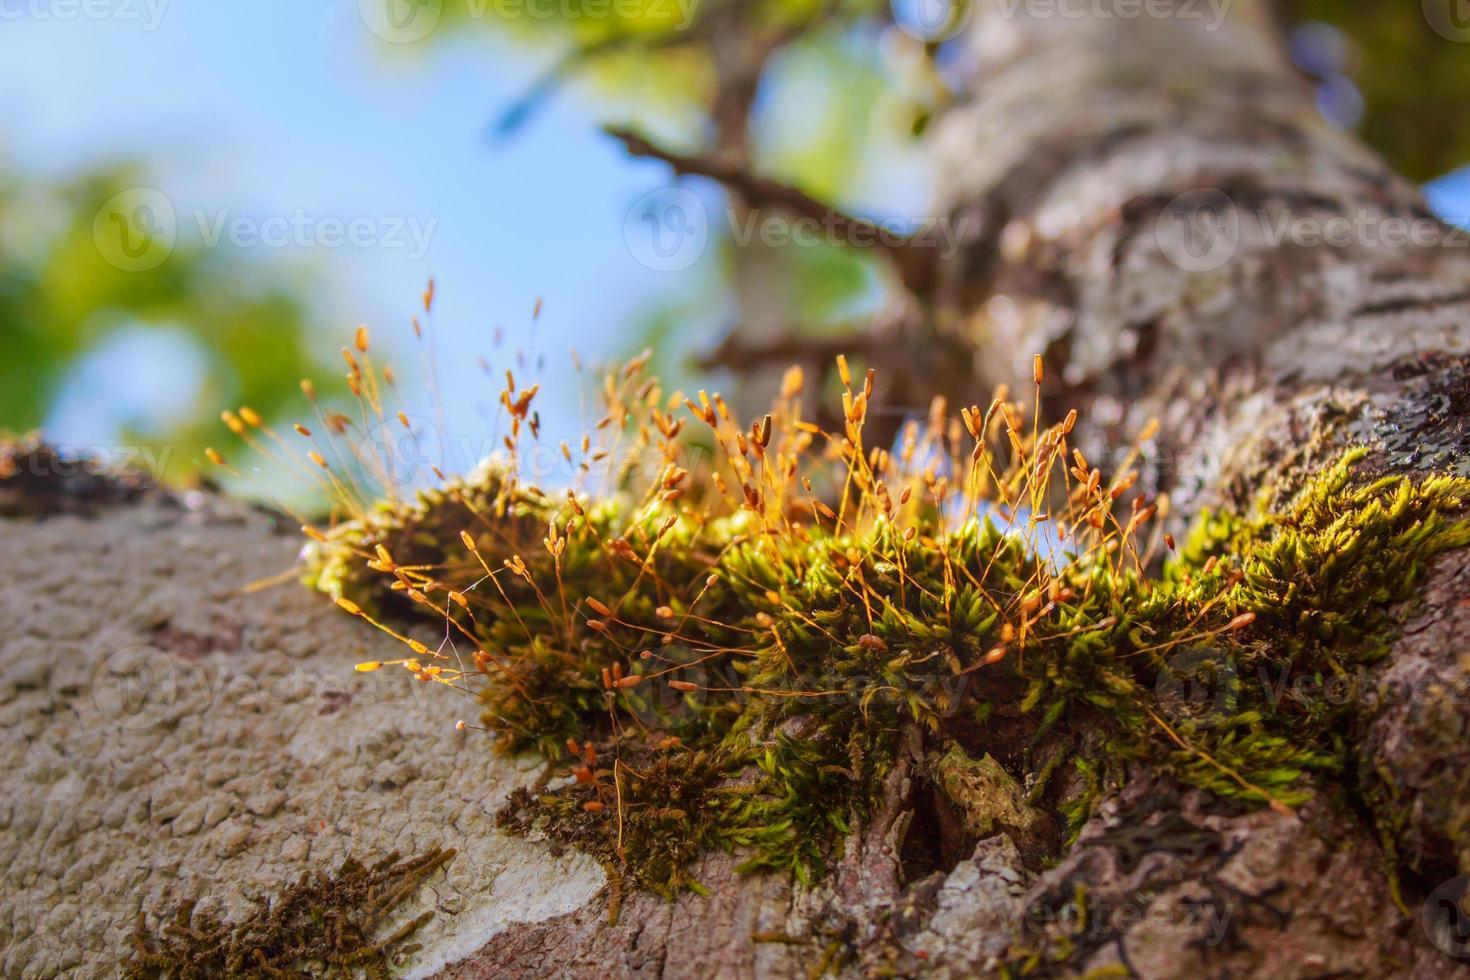 pianta di felce che cresce sul vecchio ceppo di albero in giardino. foto